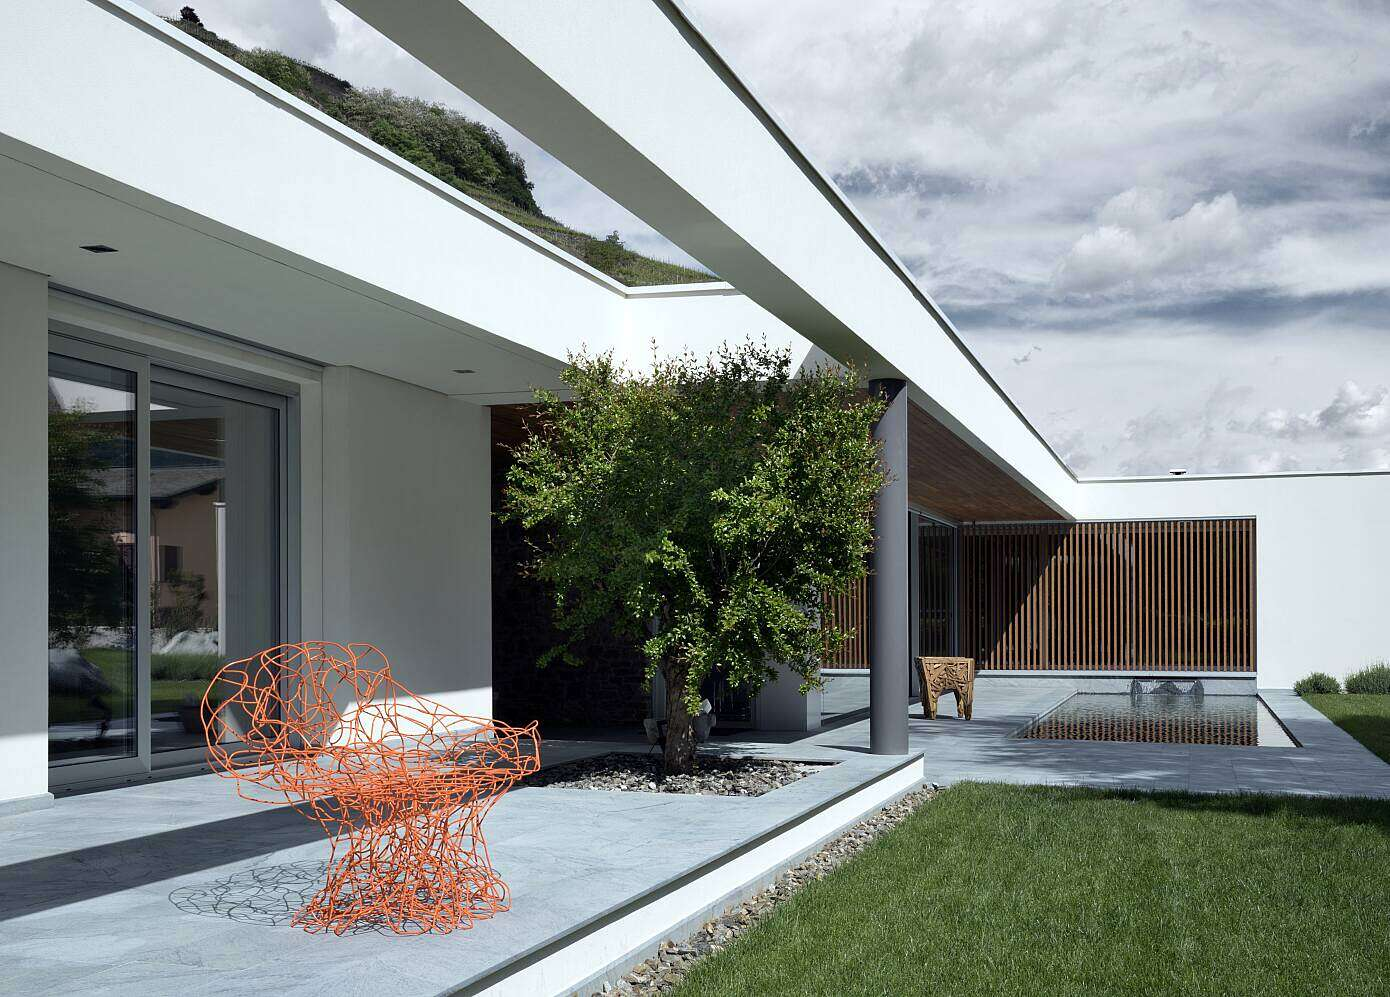 Villa Geef by DamilanoStudio Architects